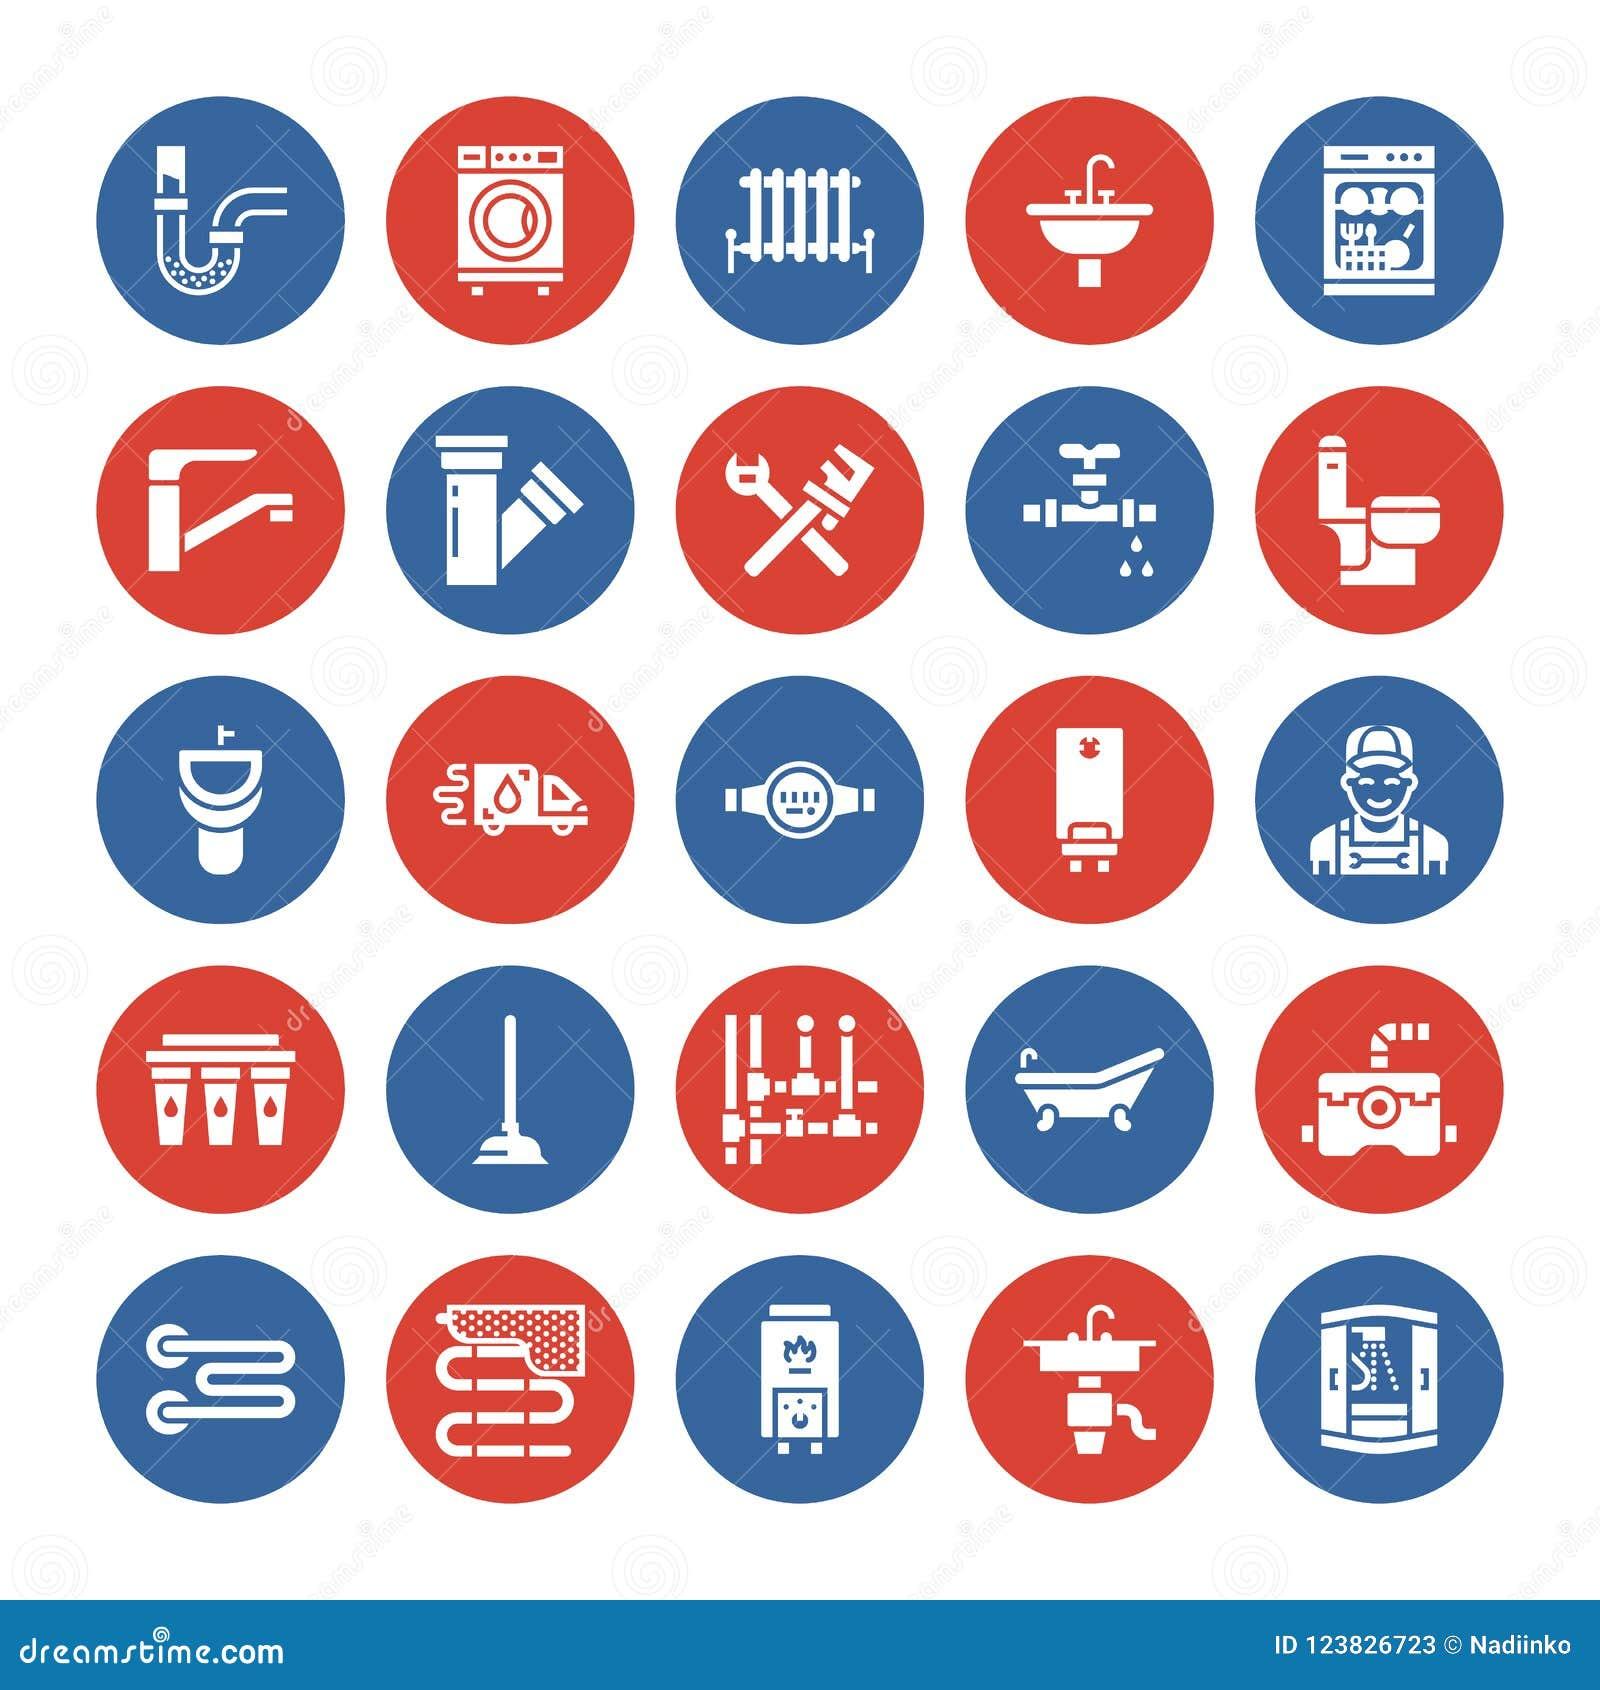 Διανυσματικά επίπεδα εικονίδια glyph υπηρεσιών υδραυλικών Εξοπλισμός λουτρών σπιτιών, στρόφιγγα, τουαλέτα, σωλήνωση, πλυντήριο